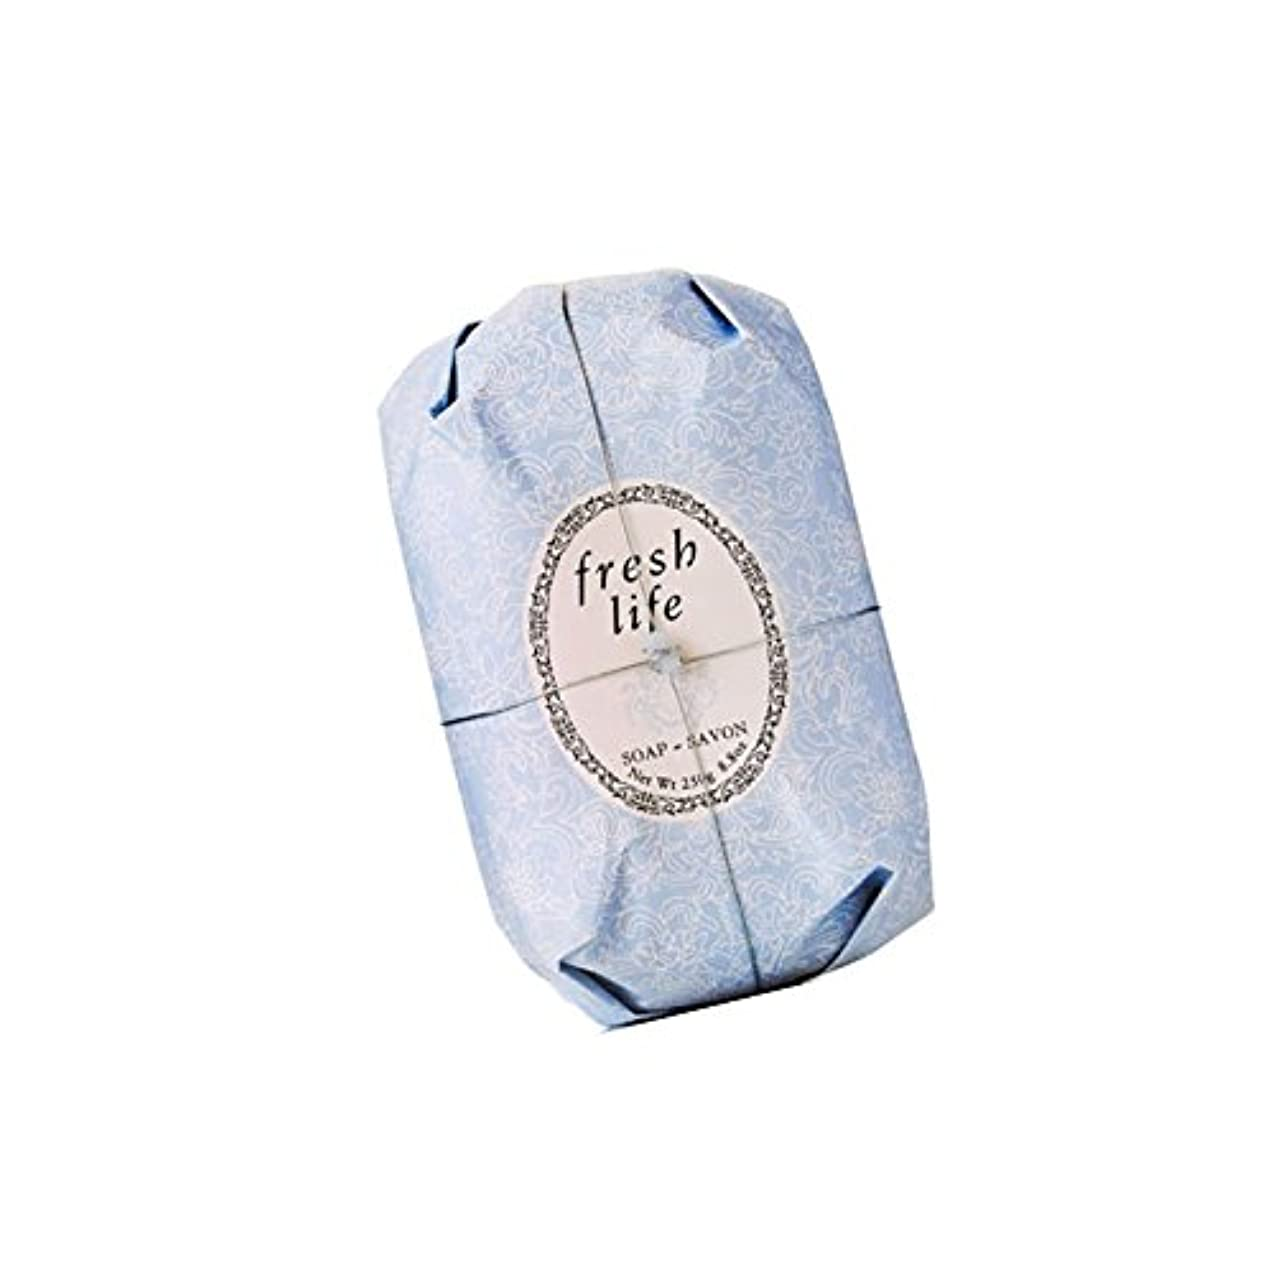 土曜日丈夫根拠Fresh フレッシュ Life Soap 石鹸, 250g/8.8oz. [海外直送品] [並行輸入品]